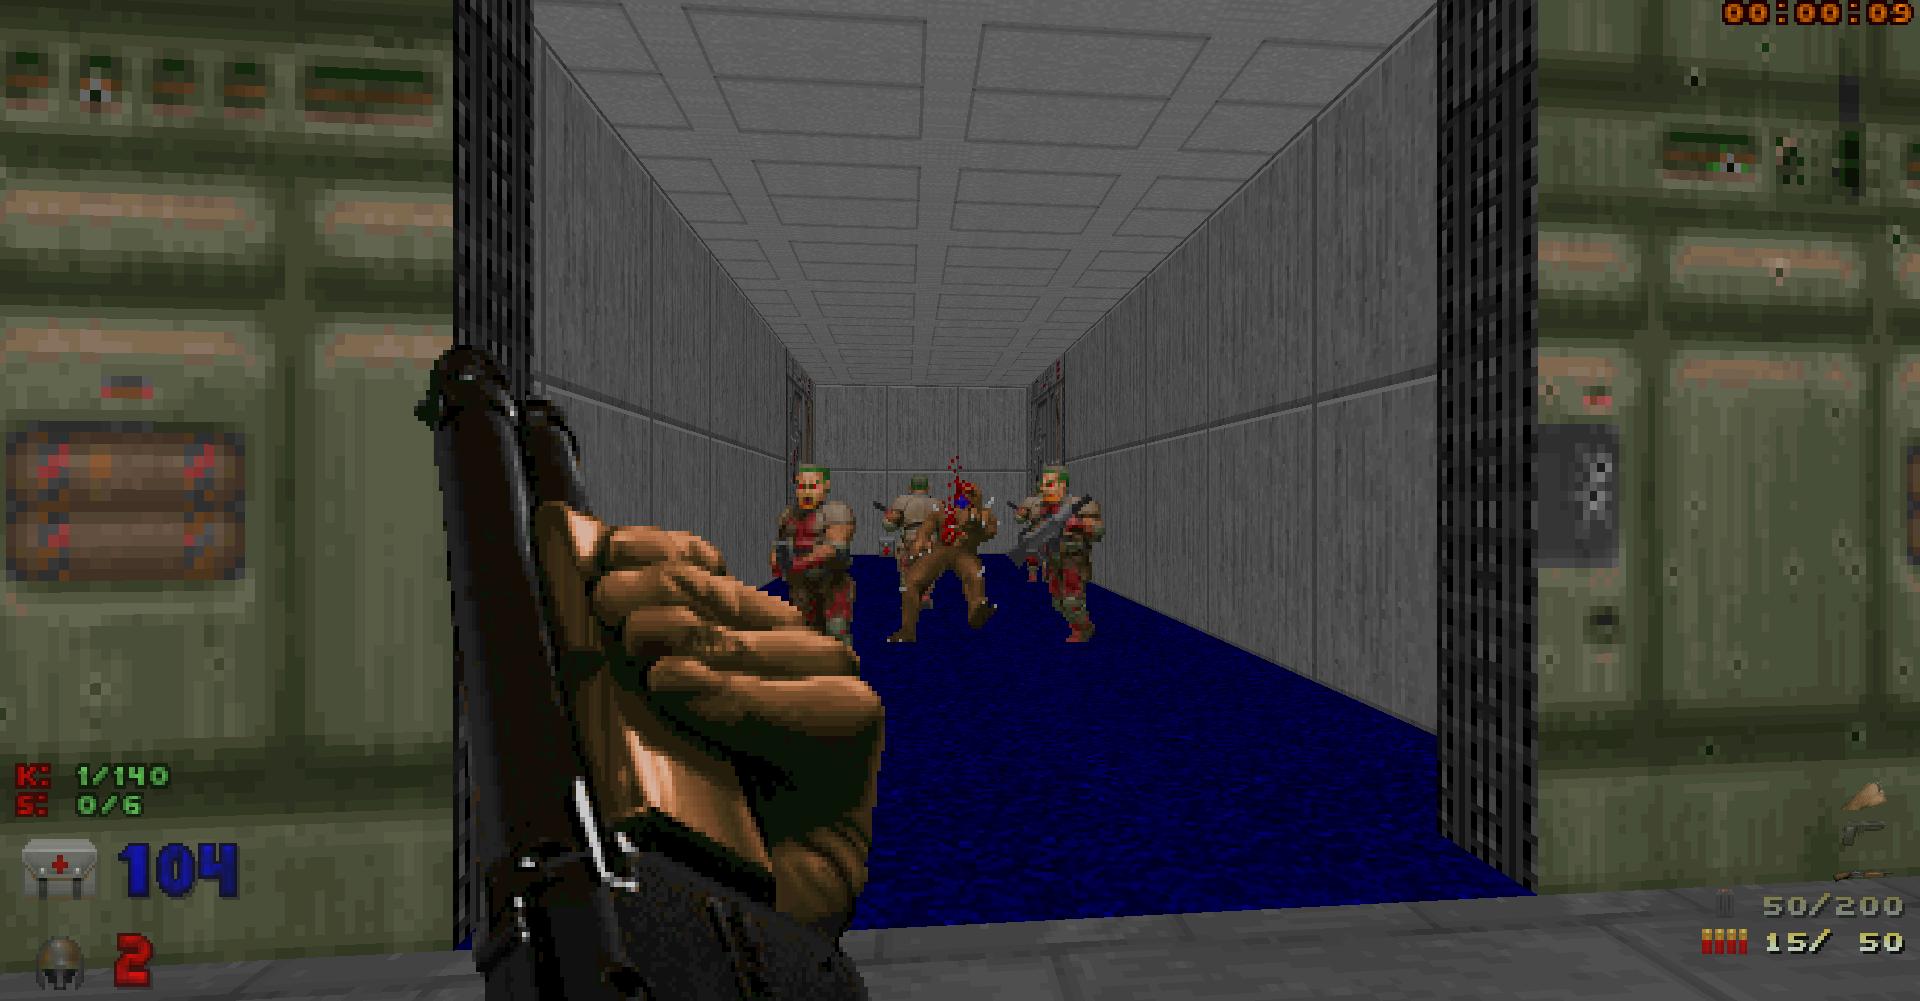 Screenshot_Doom_20210327_110535.png.8d621c1e864d6e530105864db2853e32.png